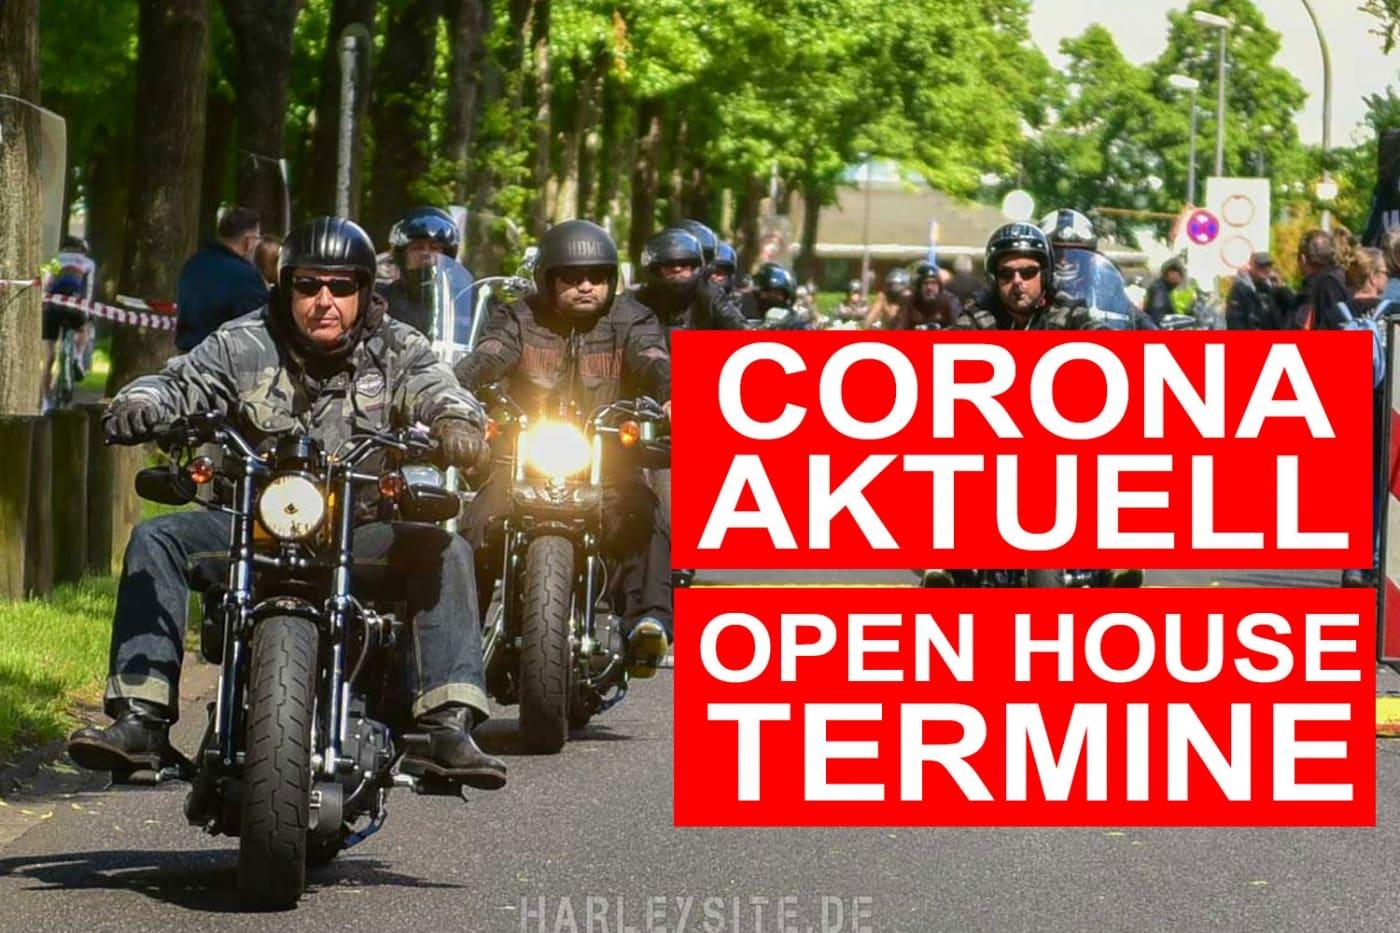 CORONA AKTUELL - HARLEYSITE